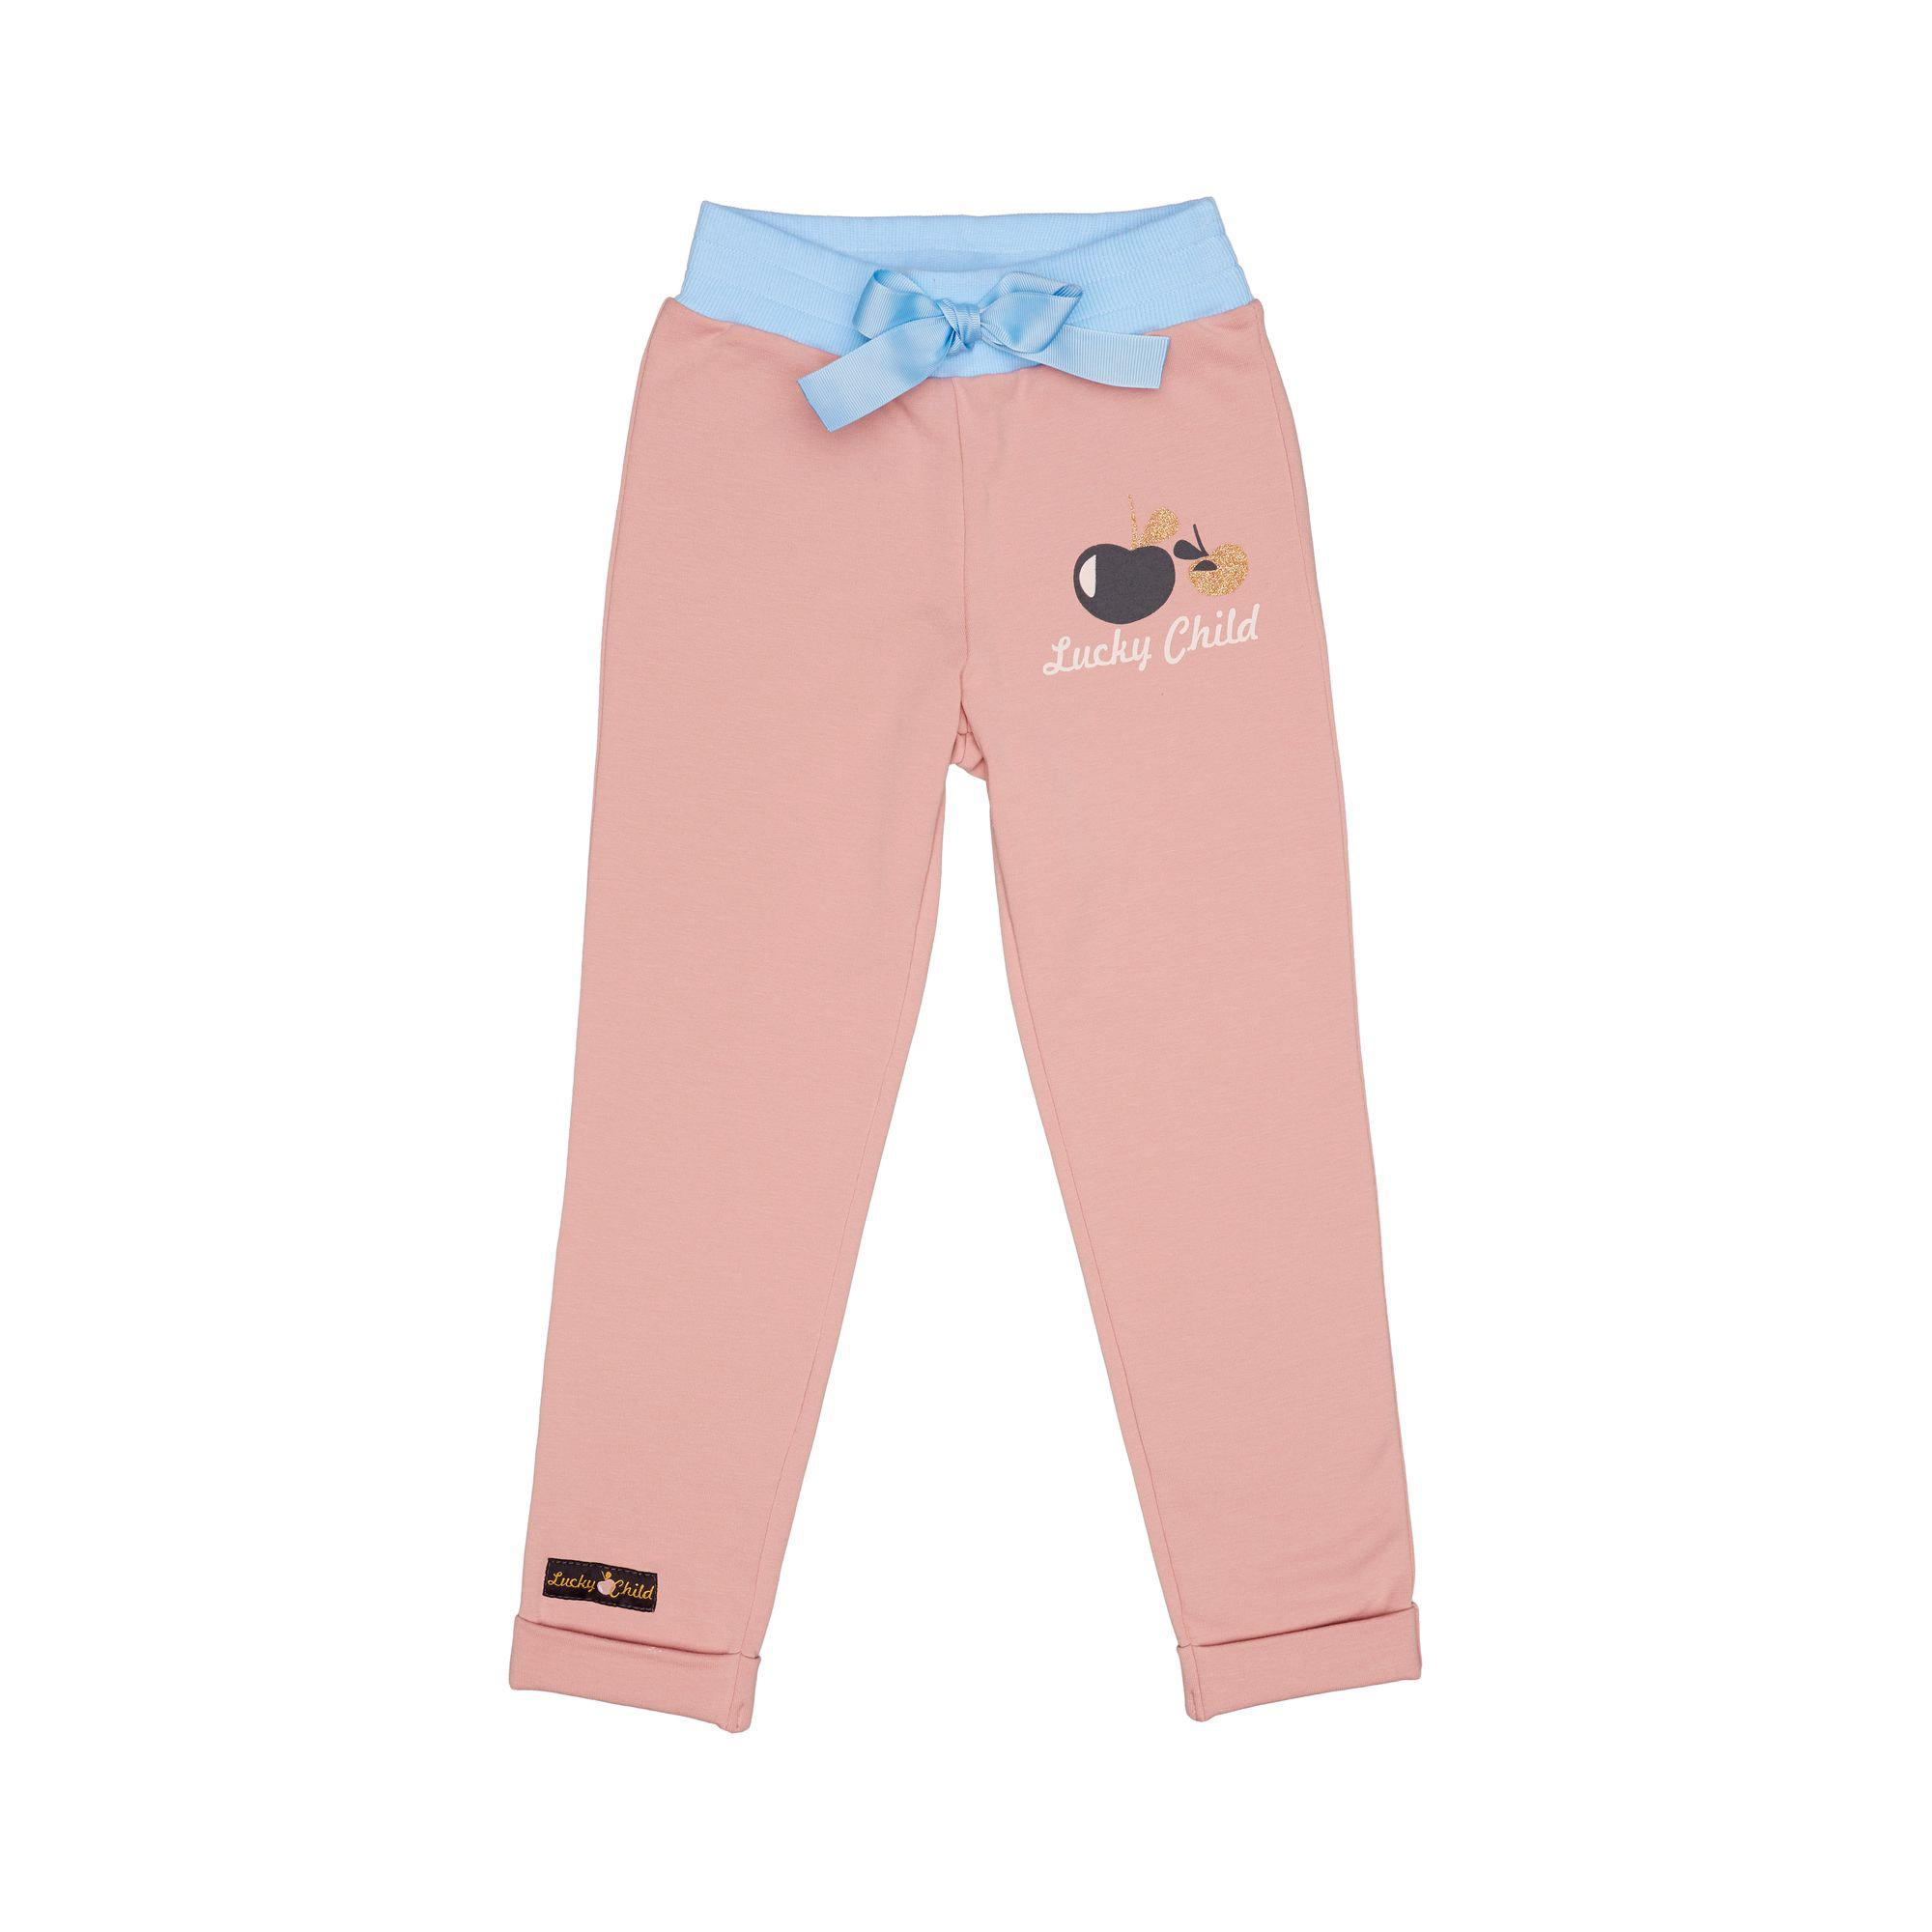 Купить Брюки Lucky Child Осенний лес розовые футер 110-116, Розовый, Футер, Для девочек, Осень-Зима,